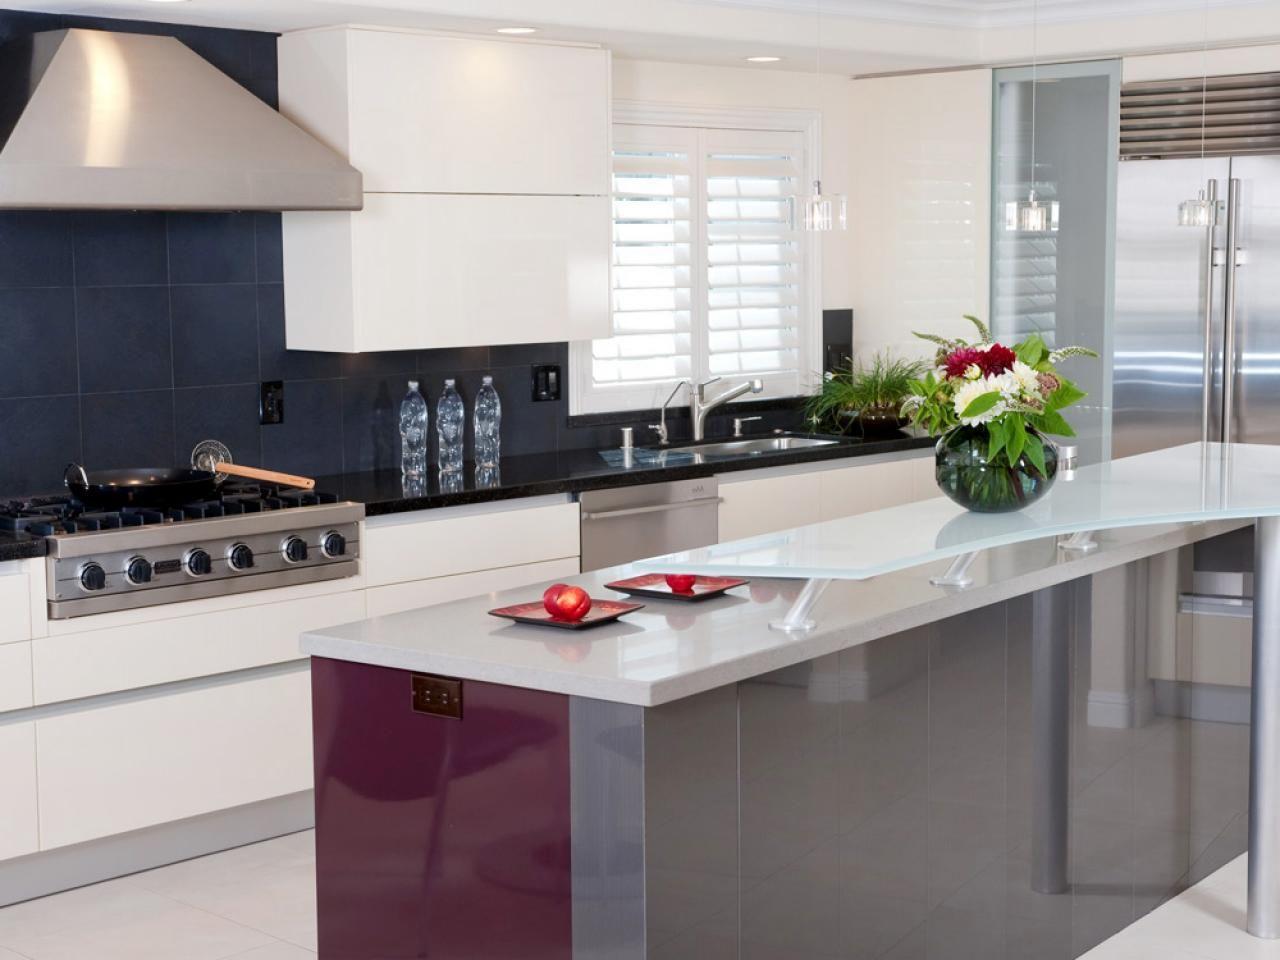 14 Best Kitchen Countertops Images On Pinterest  Kitchen Alluring Latest Kitchen Design Decorating Design